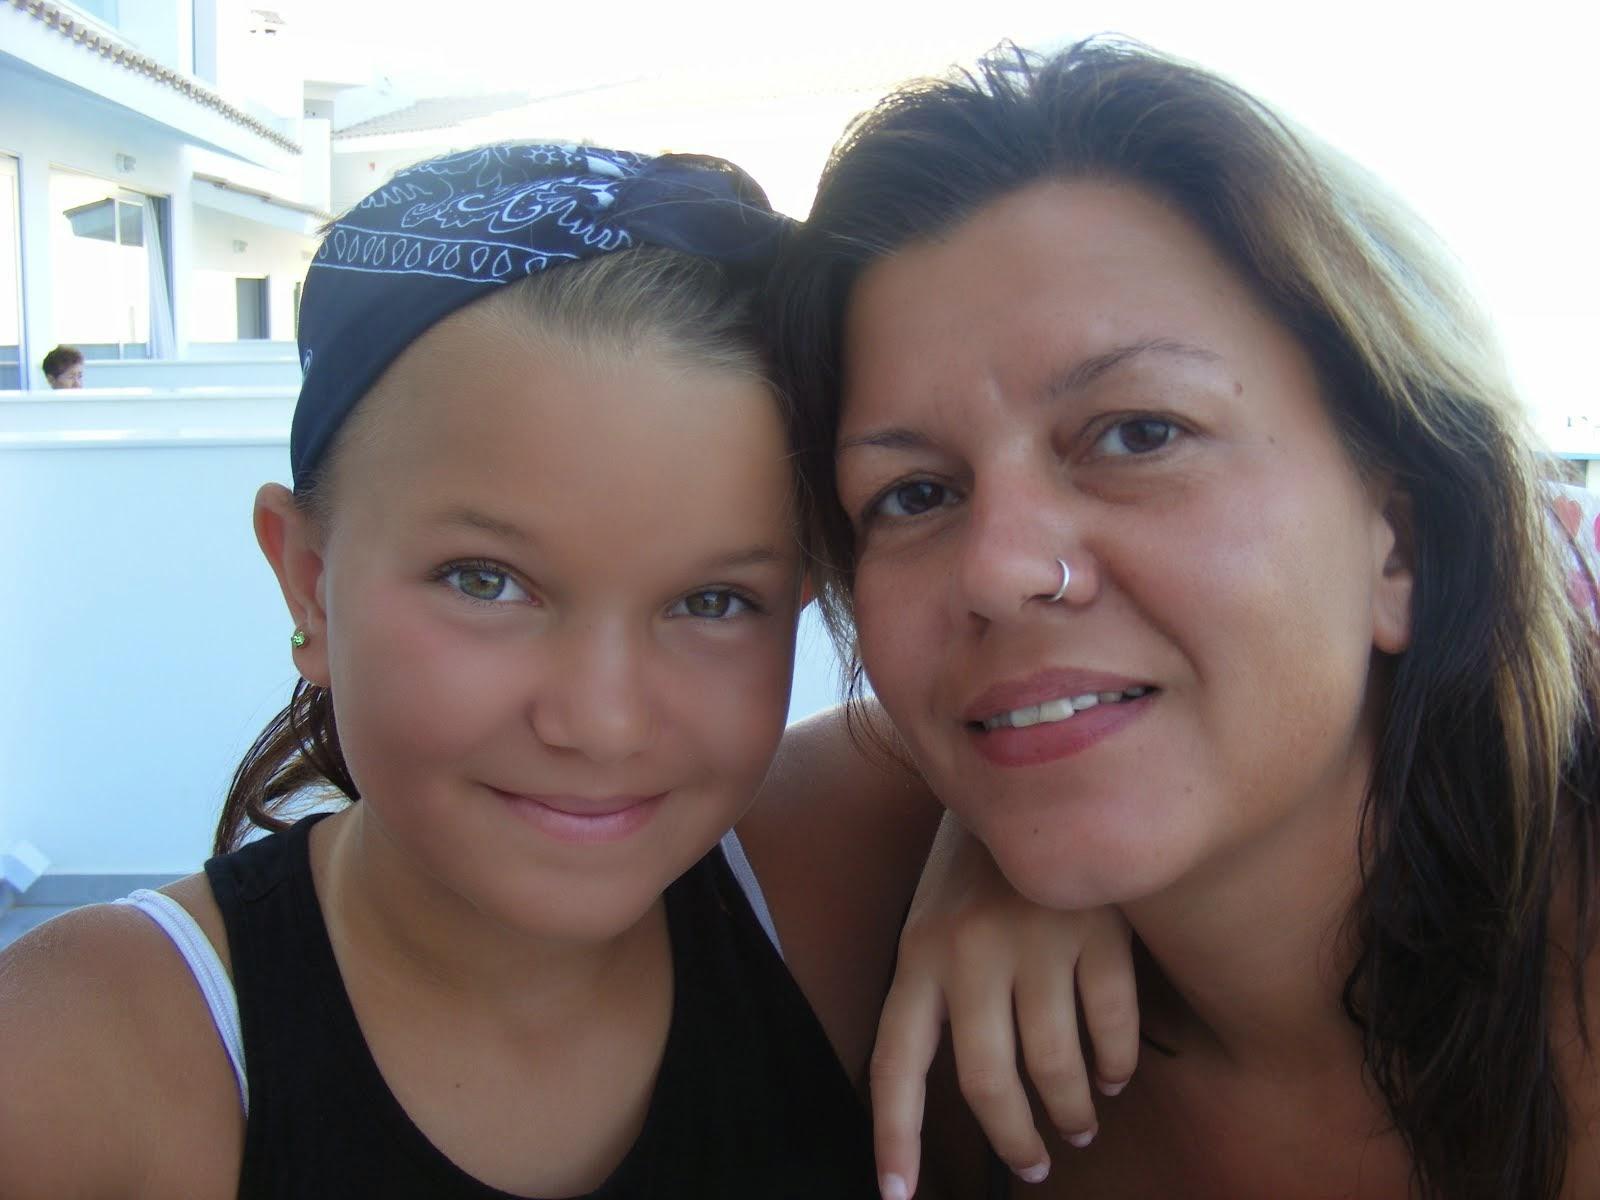 Yvonne og Myrla på Kreta